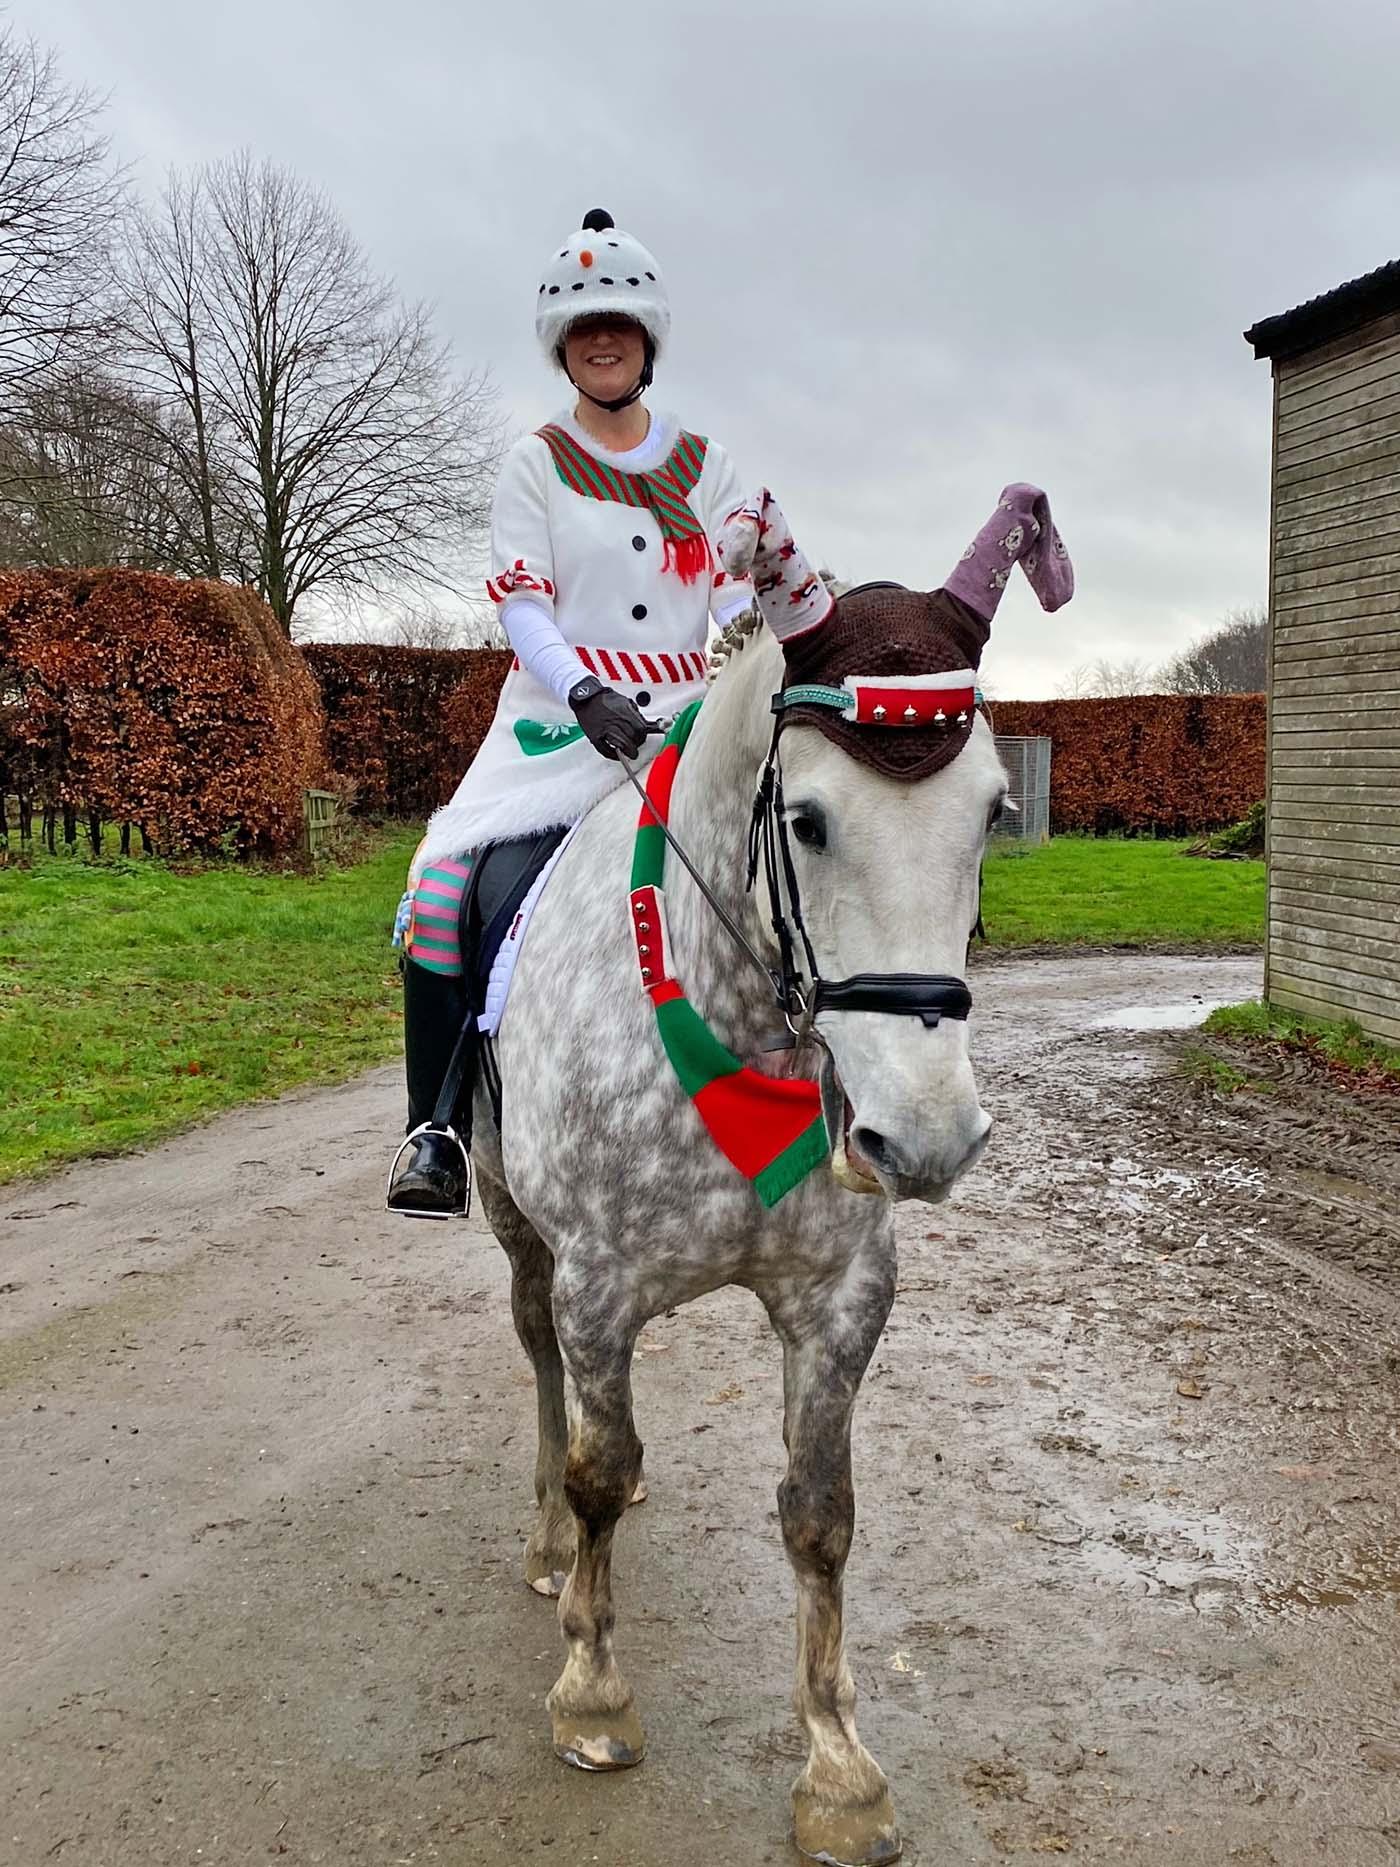 Entre no espírito festivo!  13 ideias de fantasias de Natal para cavaleiros de todas as idades e suas montarias (de rena) 9